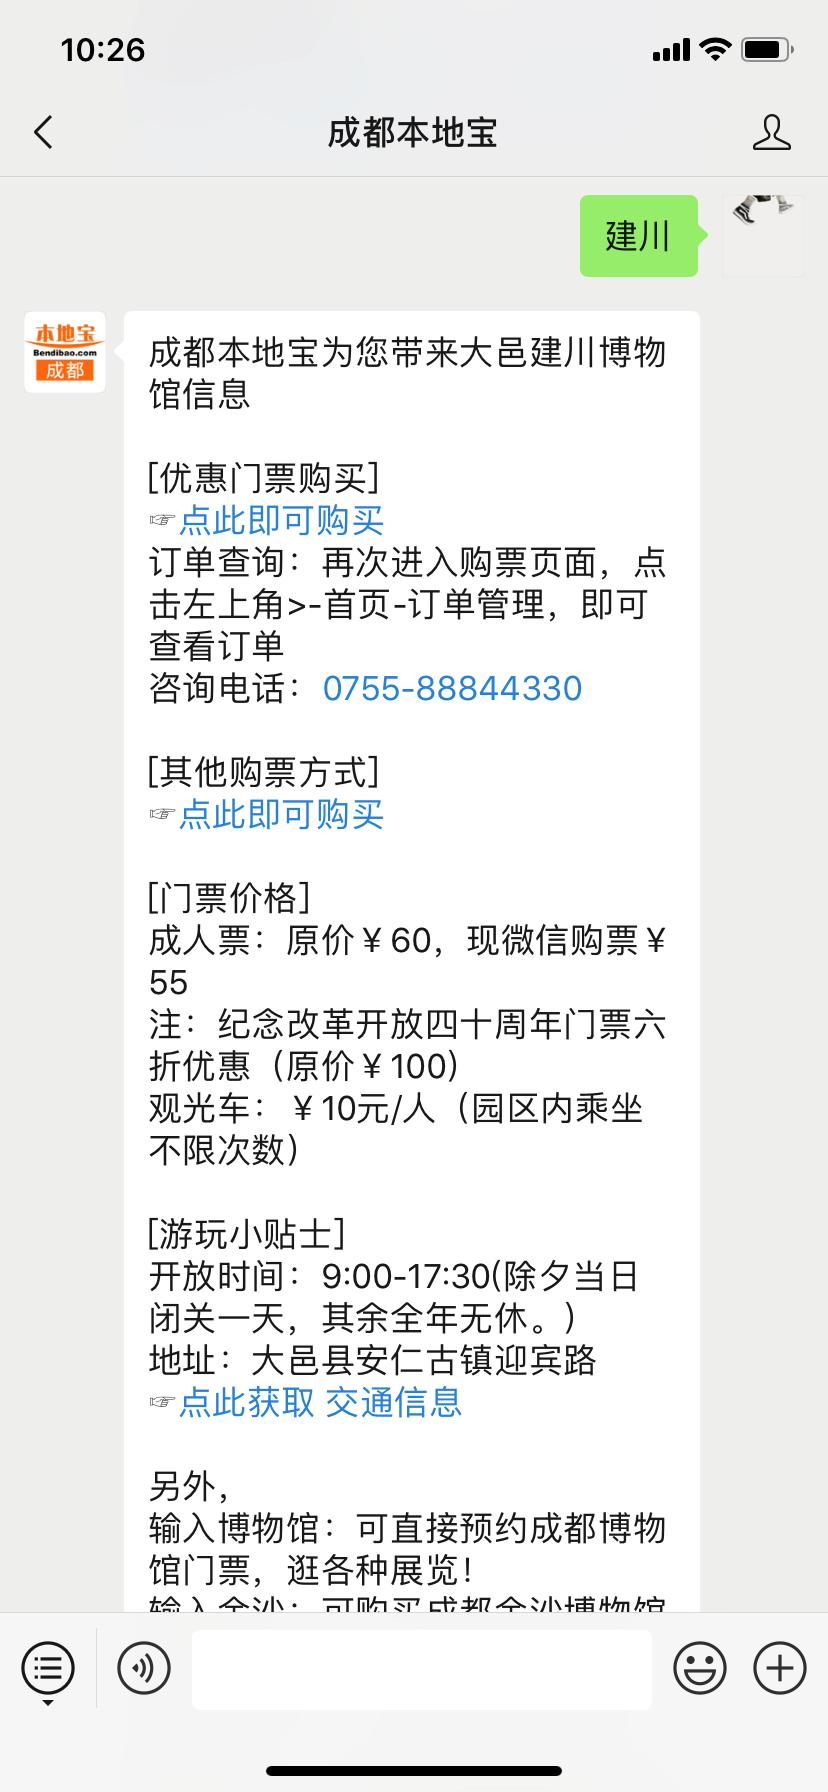 2019成都建川博物馆门票价格及优惠信息